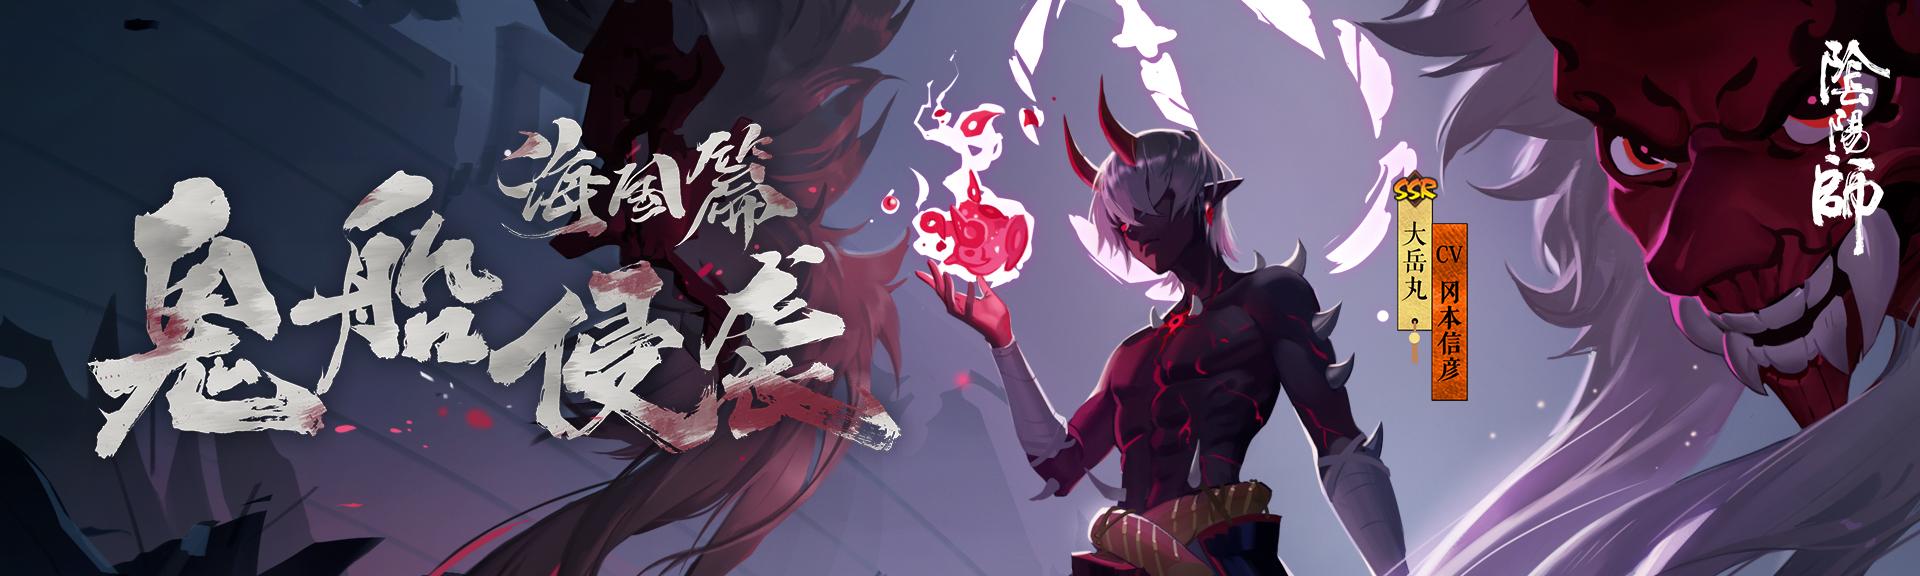 海国势力登场《阴阳师》全新SSR阶式神大岳丸即将降临!